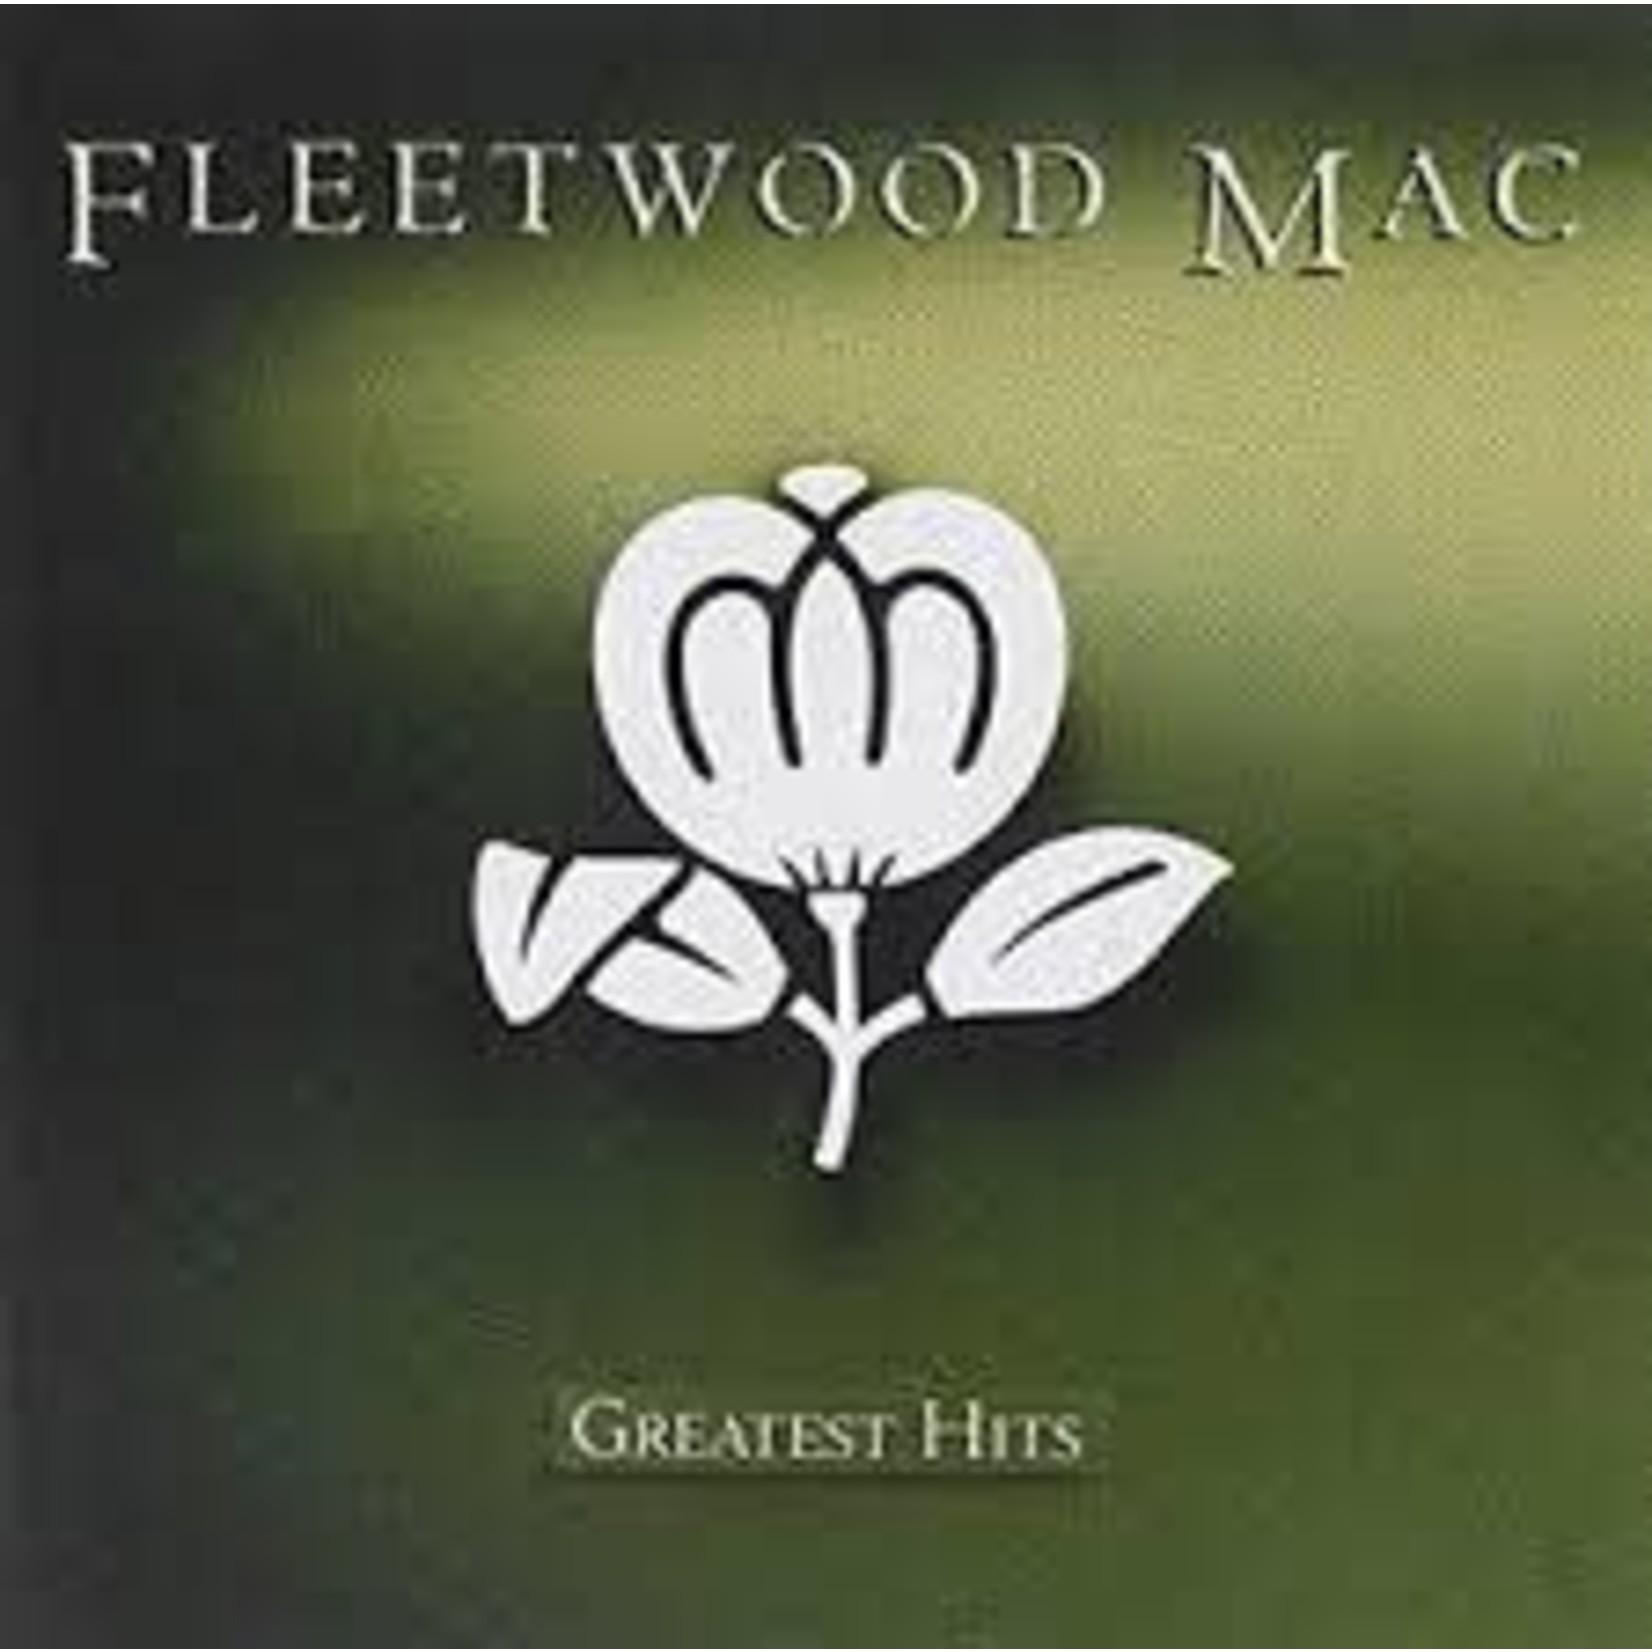 Vinyl Fleetwood Mac - Greatest Hits